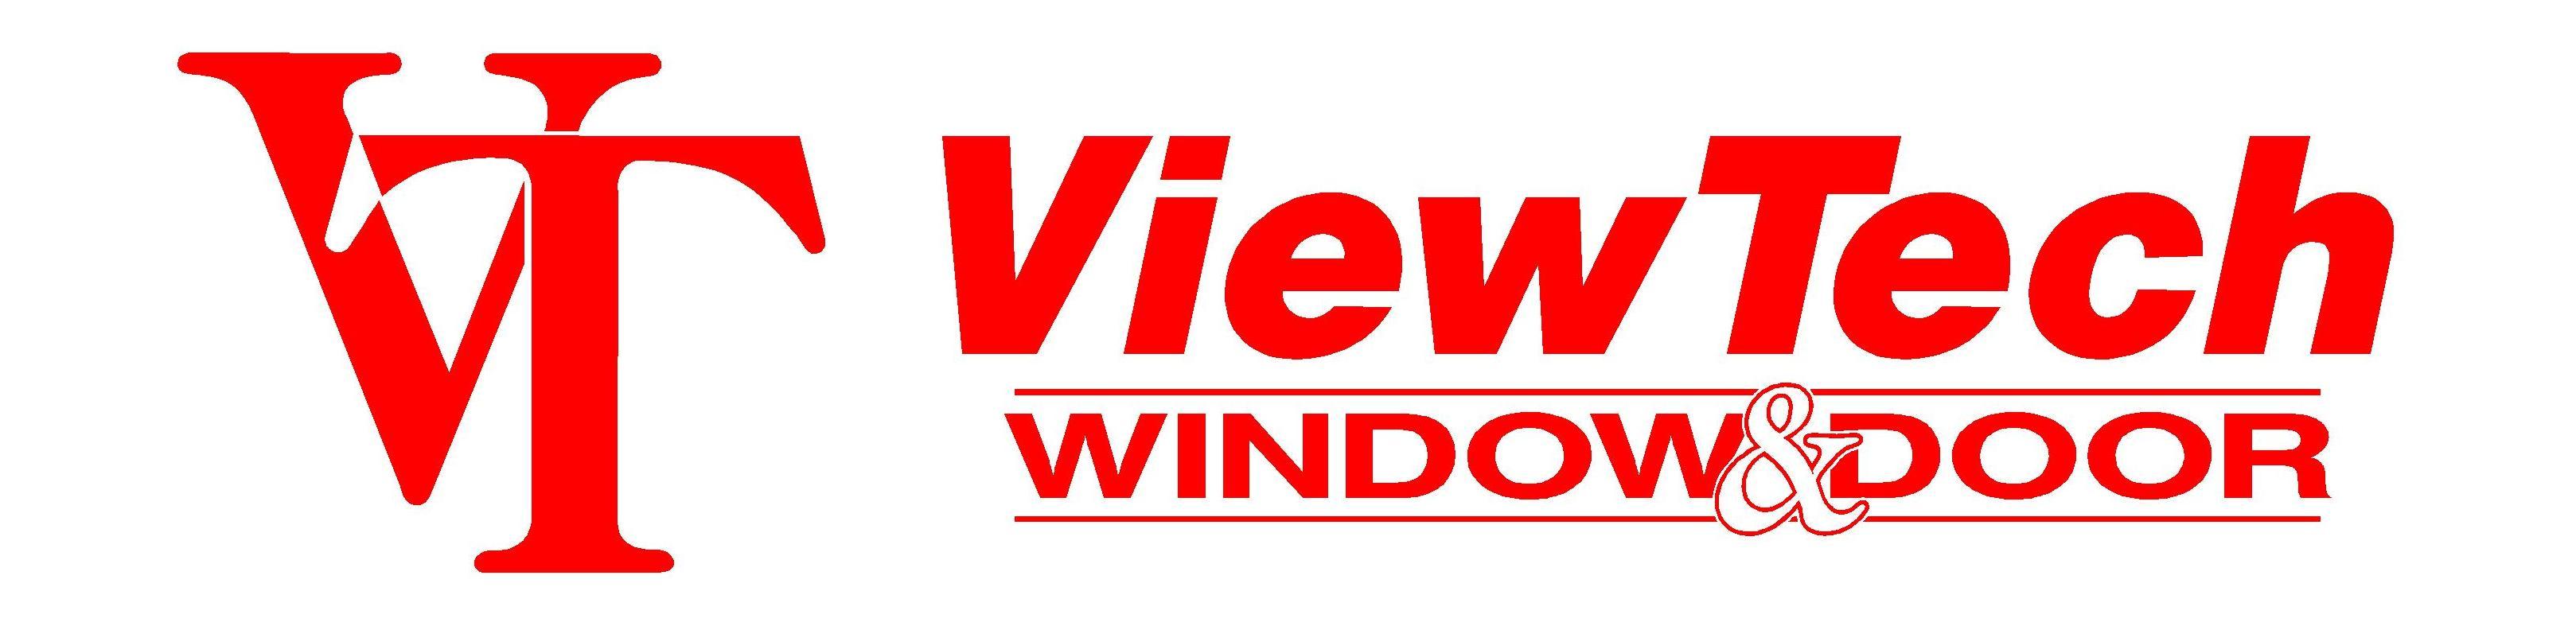 View Tech Window & Door